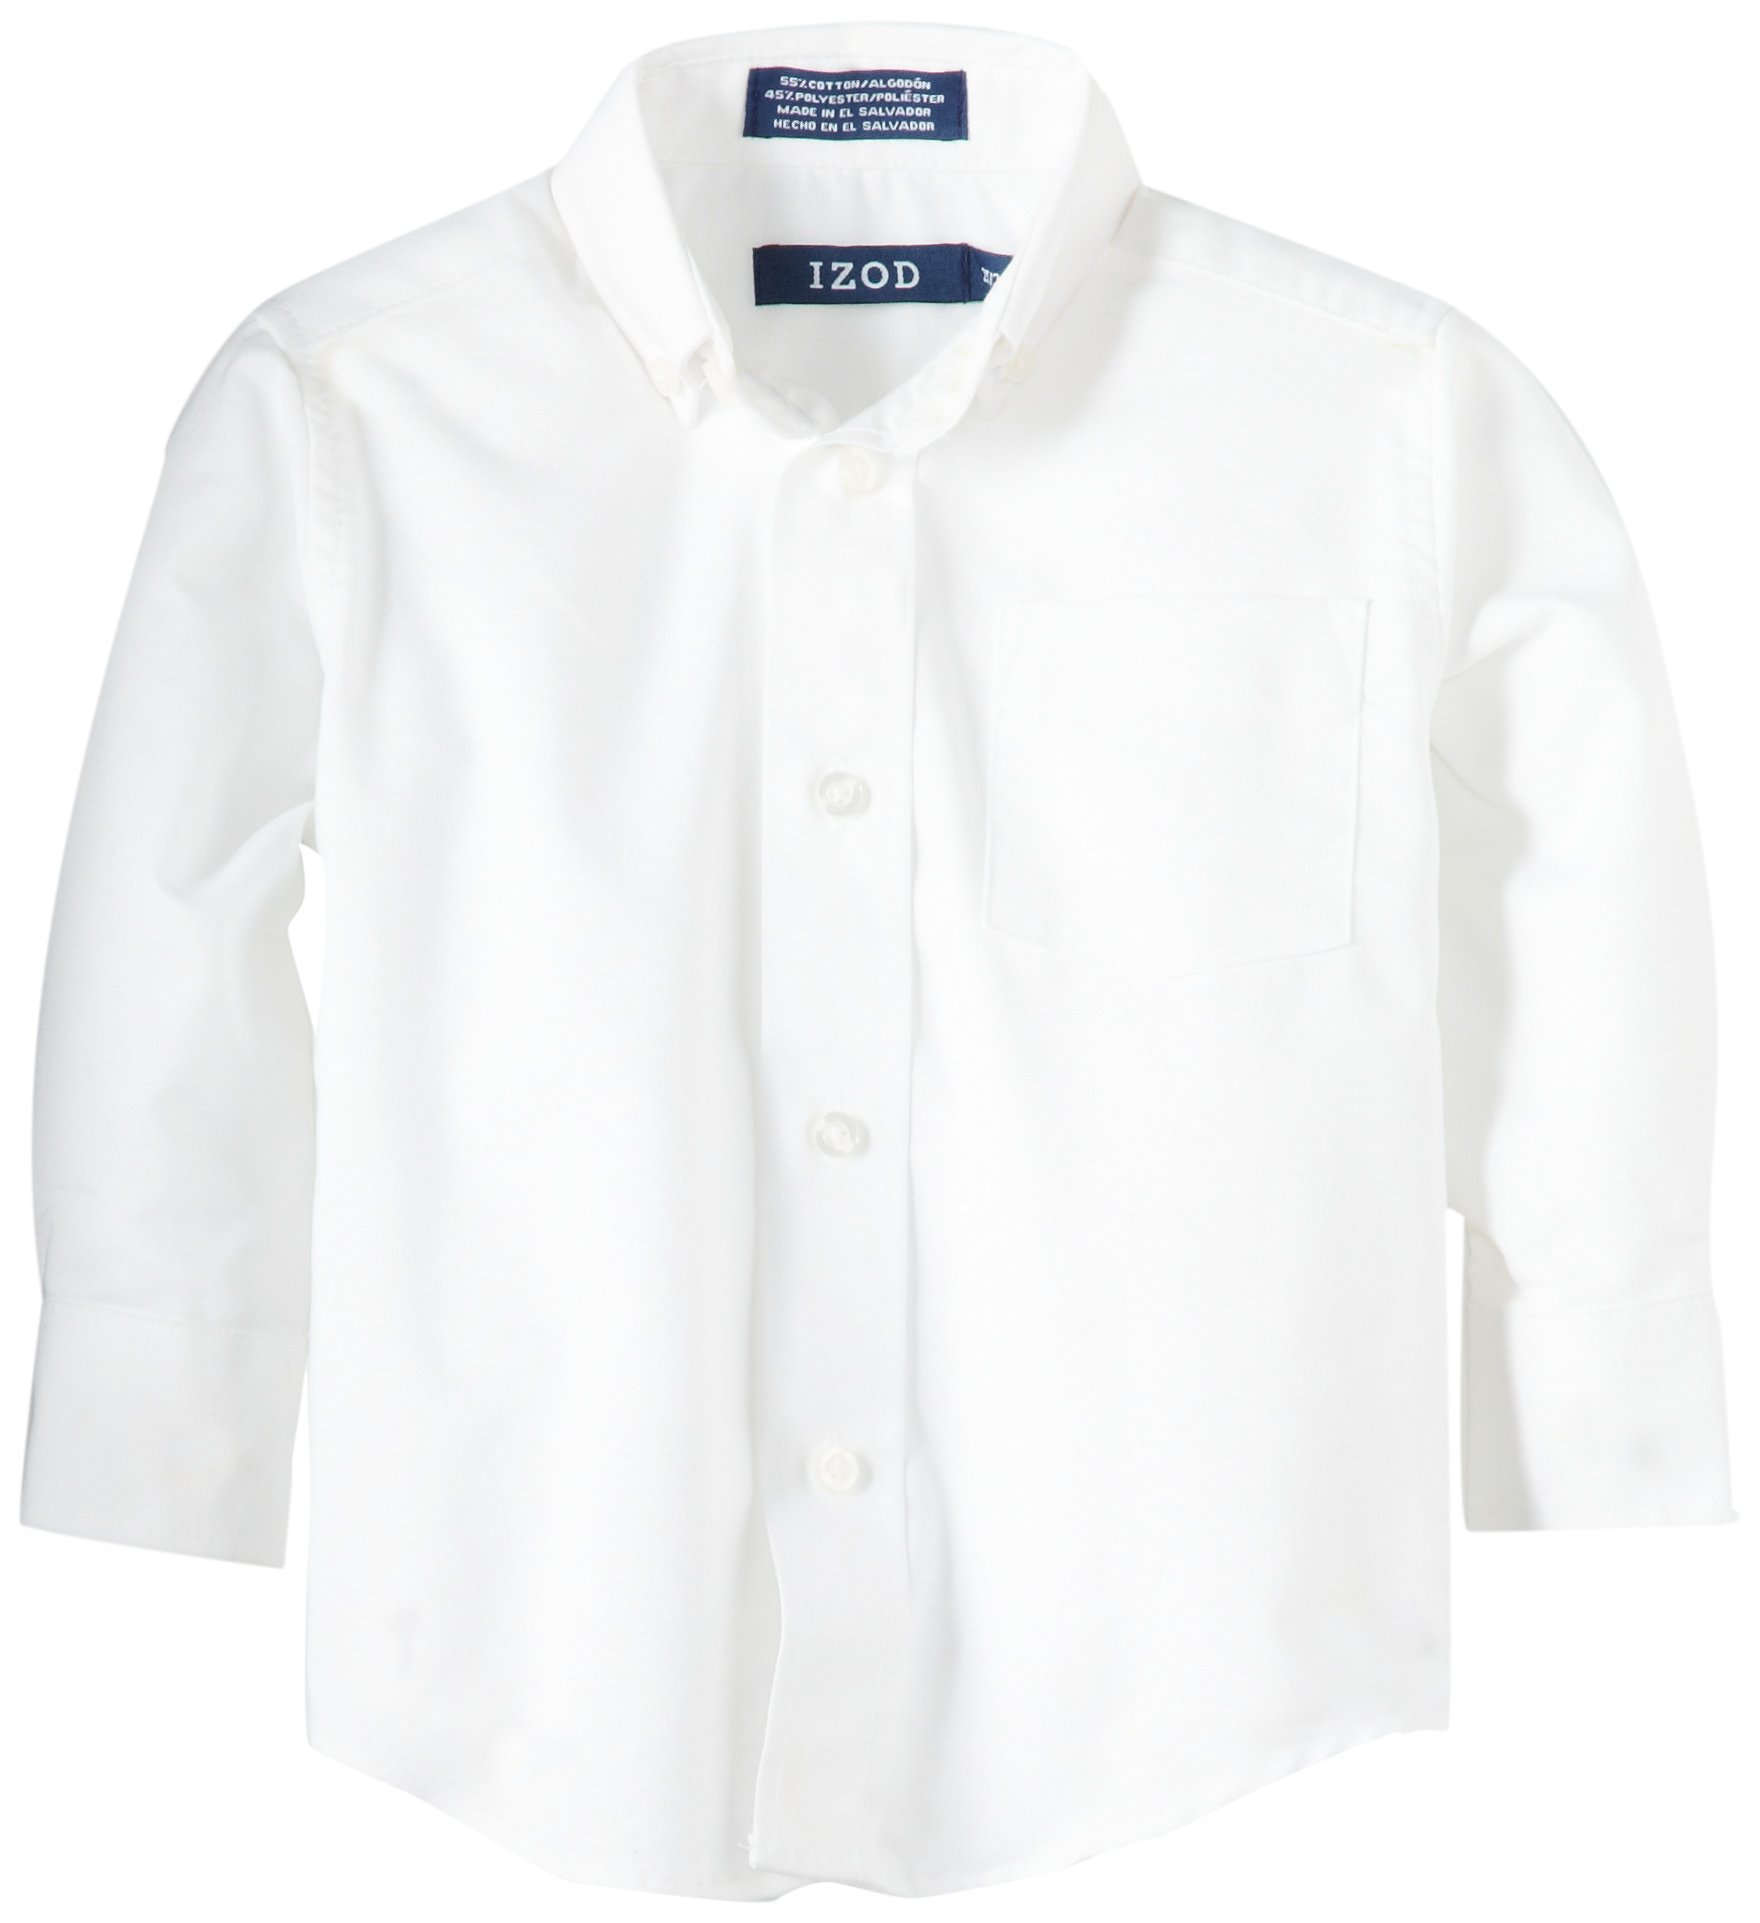 IZOD Kids Little Boys' Toddler Long Sleeve Oxford Shirt, White, 3T/3